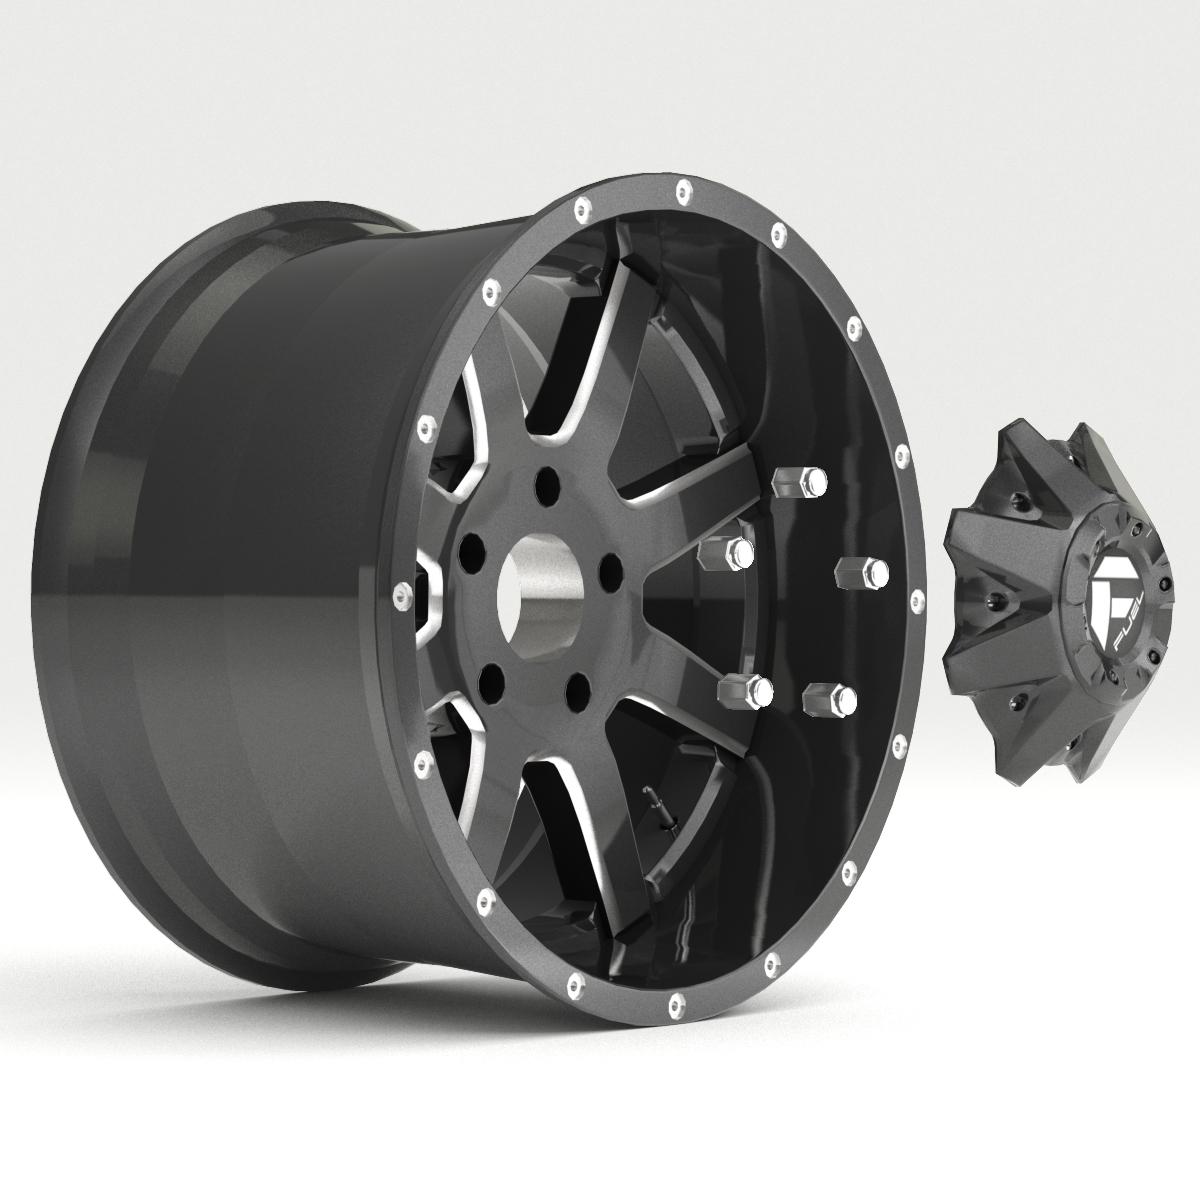 off road wheel and tire 7 3d model 3ds max fbx tga targa icb vda vst pix obj 282489